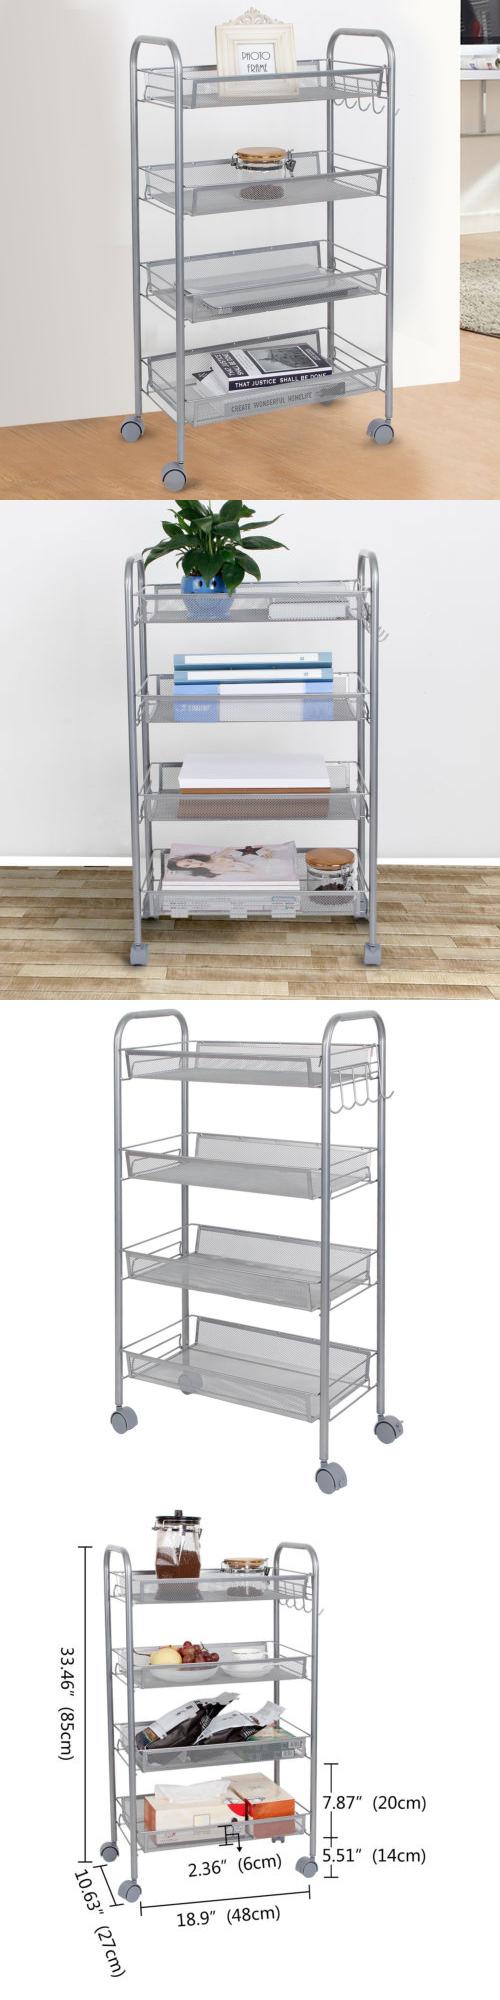 kitchen islands kitchen carts 115753 lifewit 4 tier kitchen